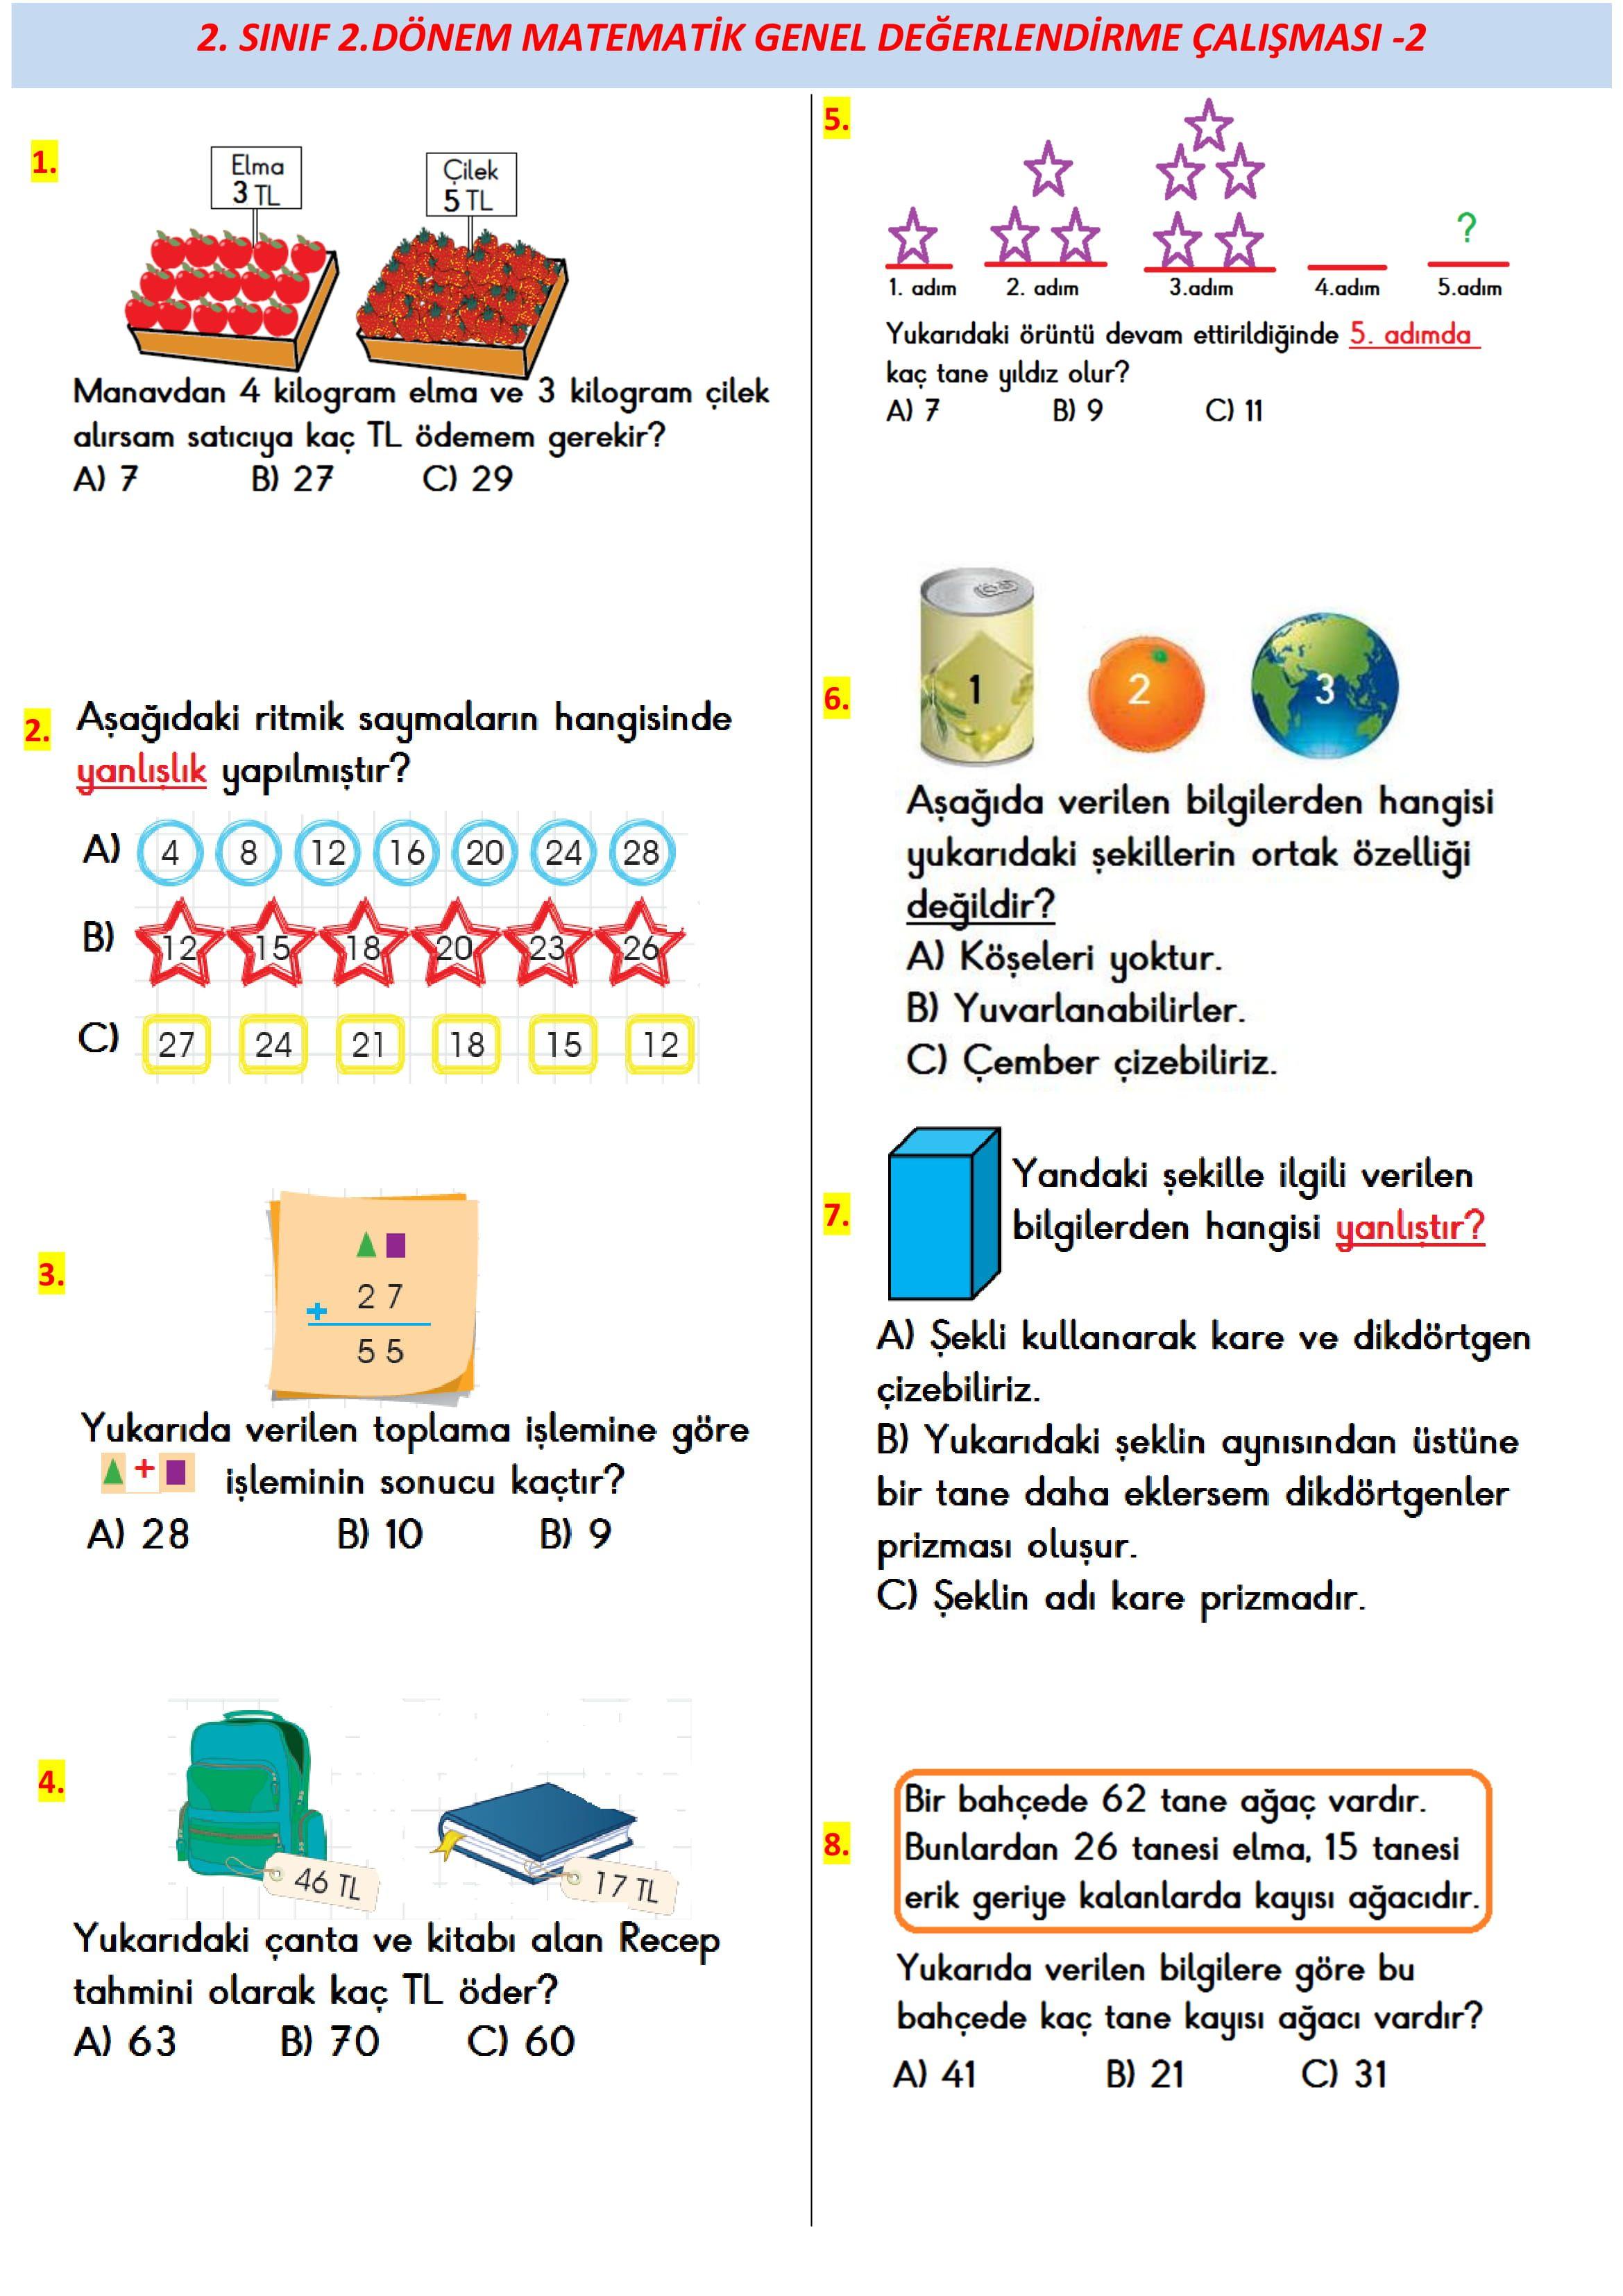 2 Sinif 2 Donem Deneme Sinavi Matematik Degerlendirme Sinif